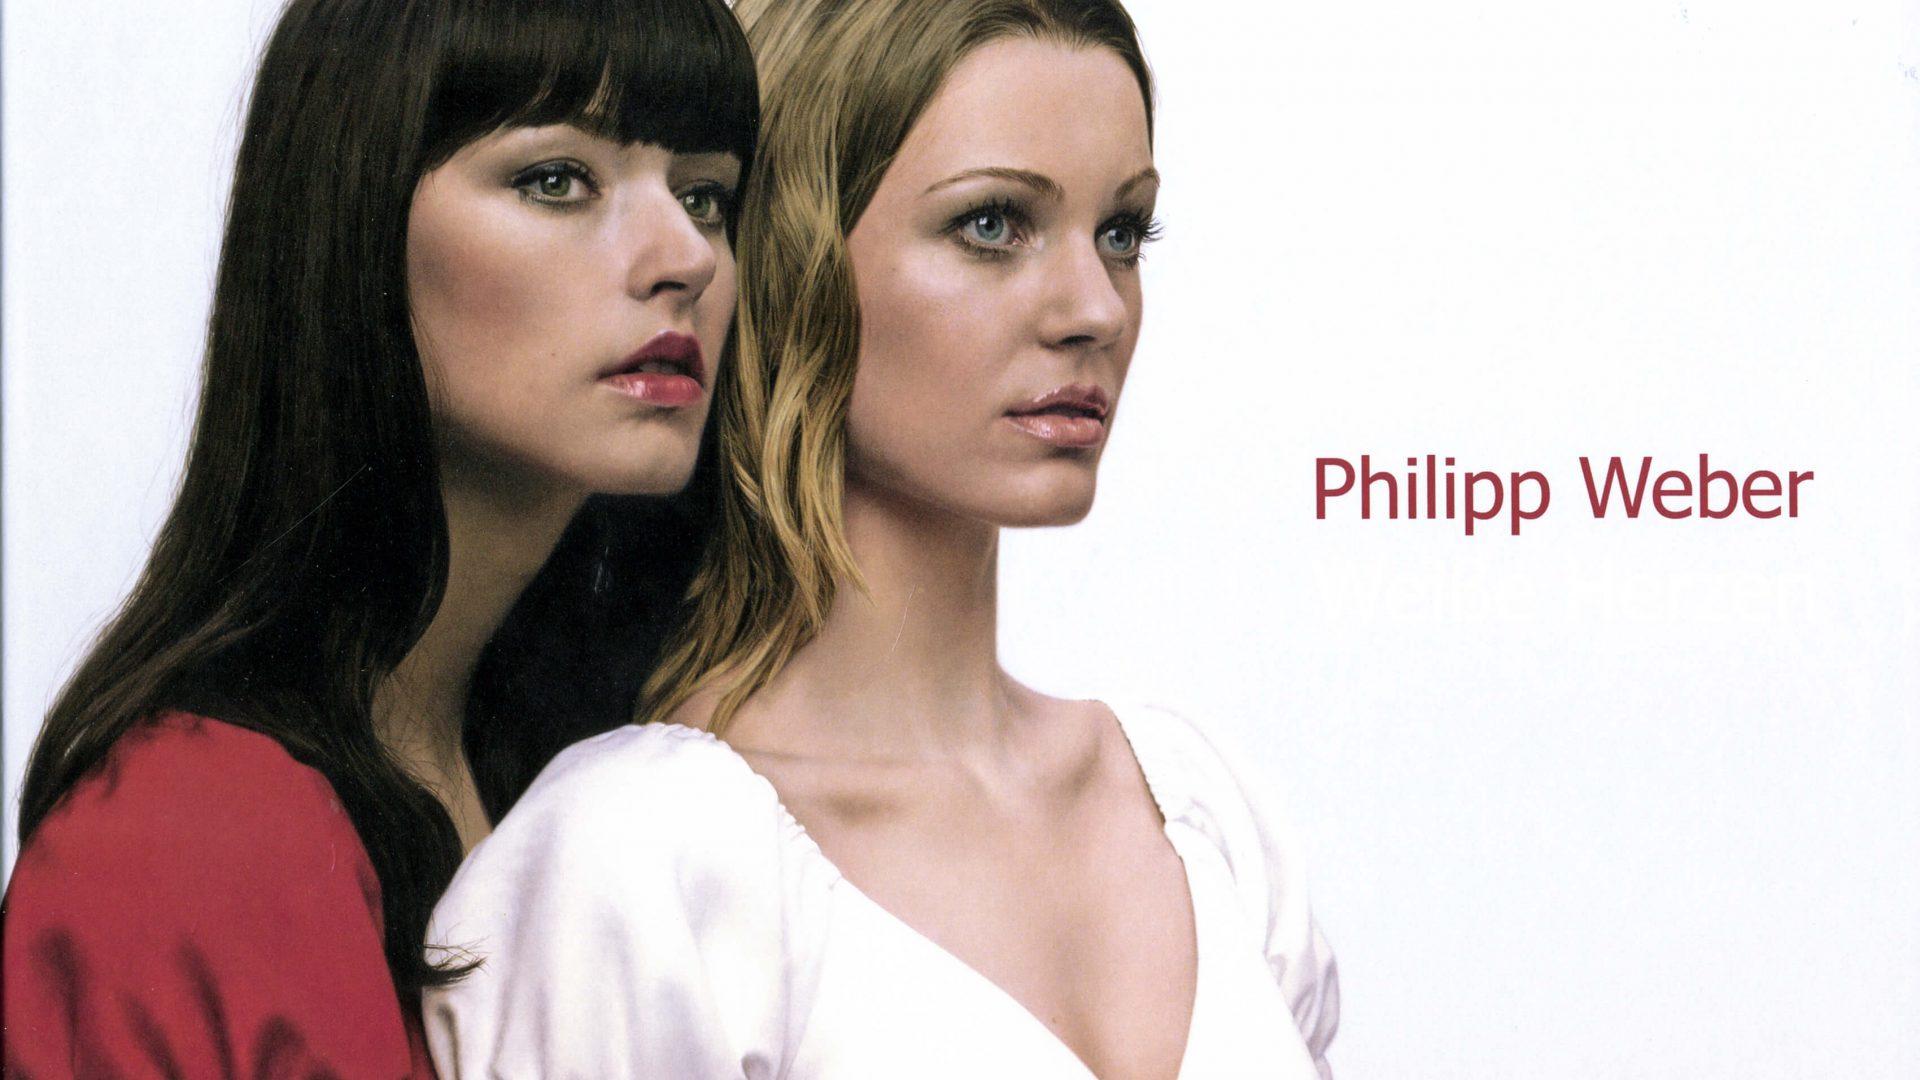 Philipp Weber neu Startbild